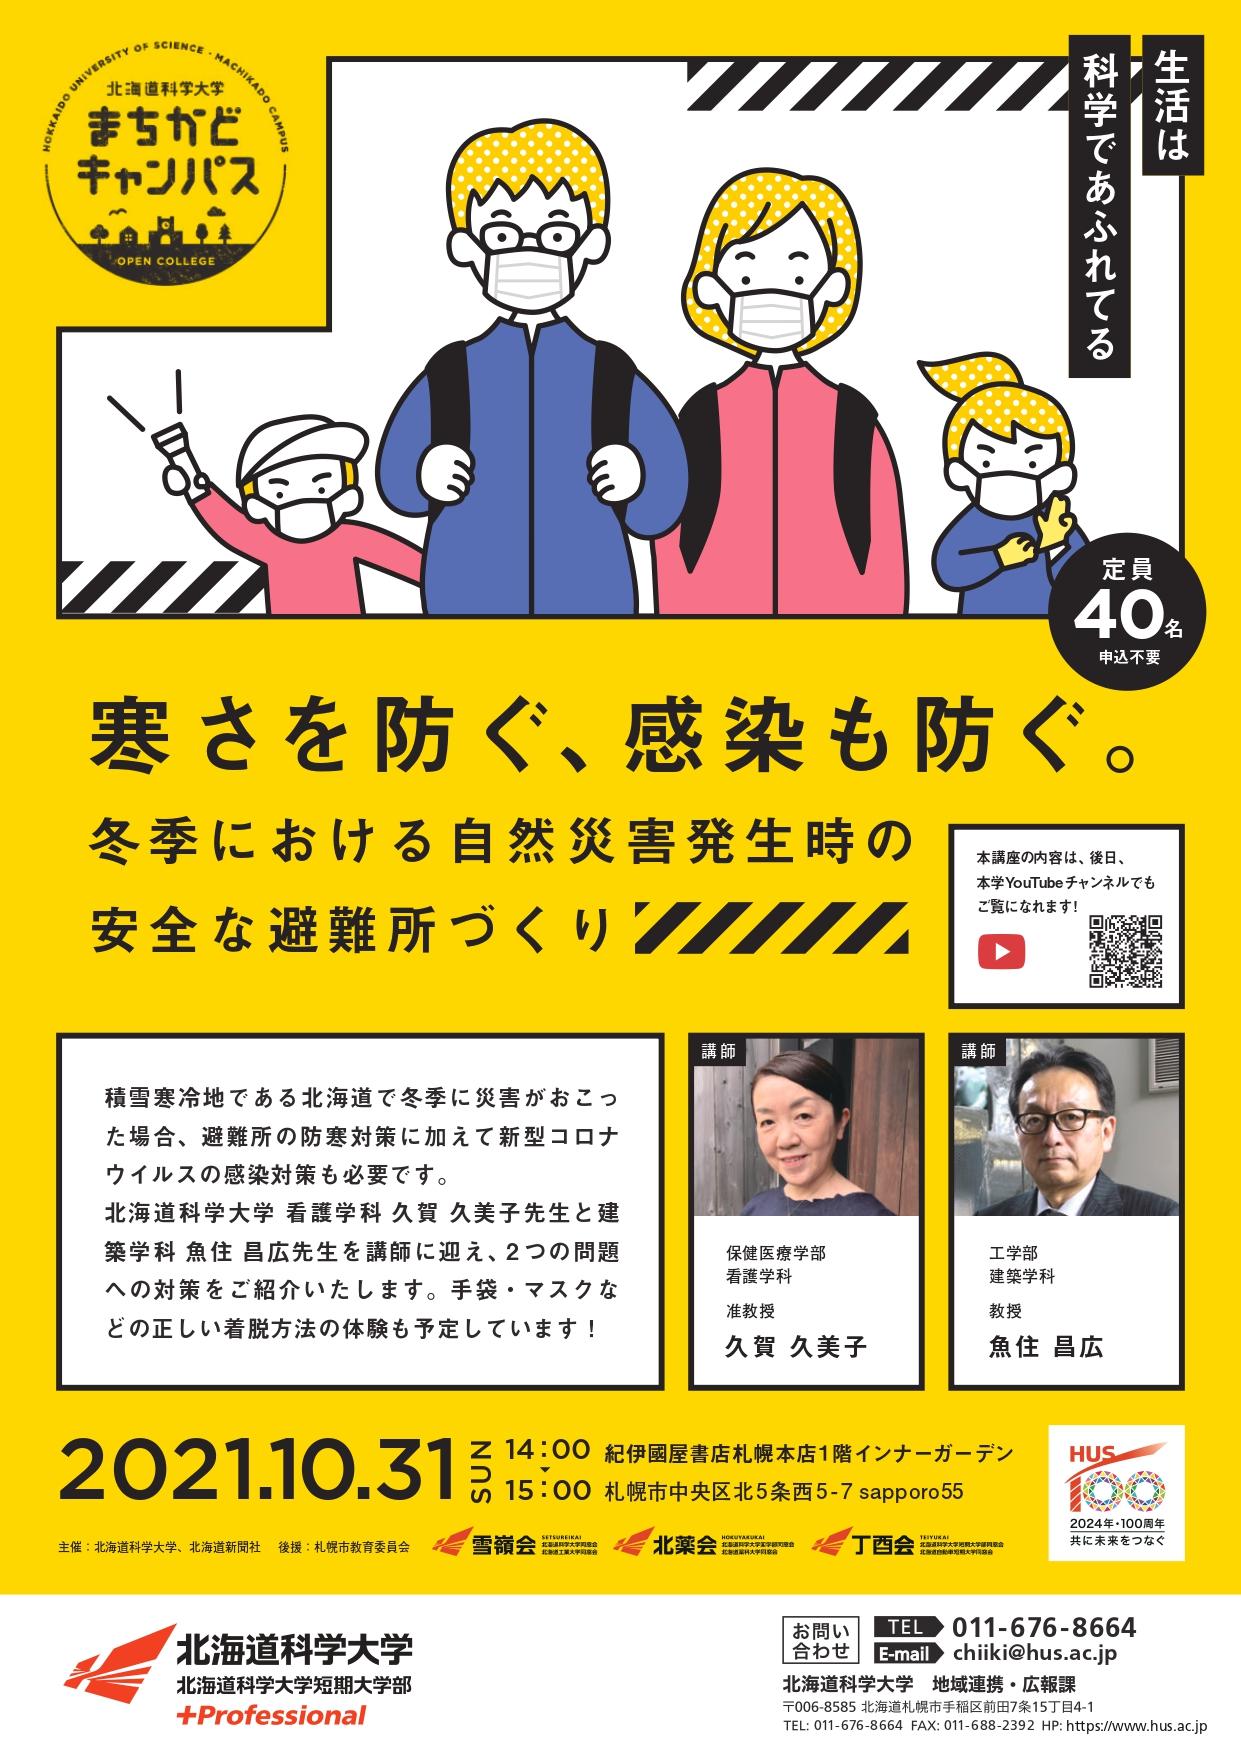 紀伊國屋書店:北海道科学大学まちかどキャンパス 「寒さを防ぐ、感染も防ぐ。冬季における自然災害発生時の安全な避難所づくり」